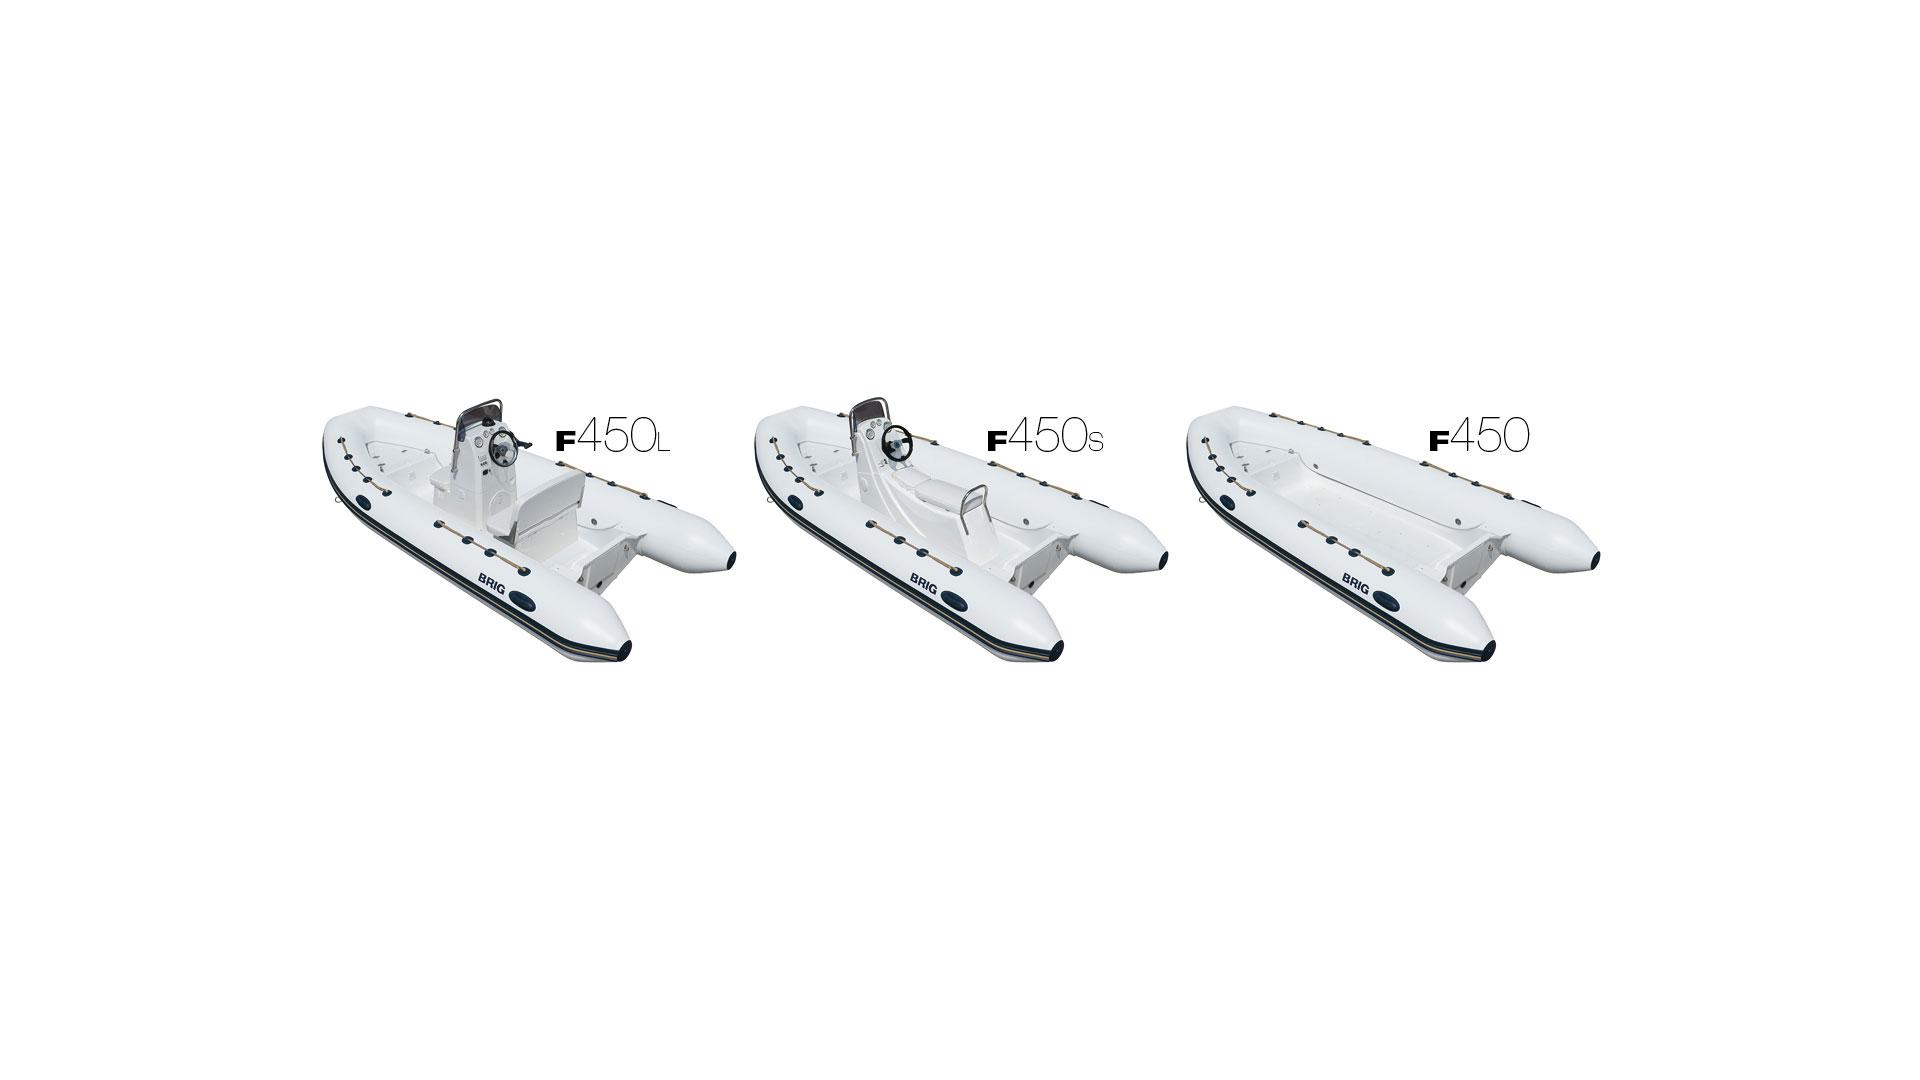 Falcon 450 -66